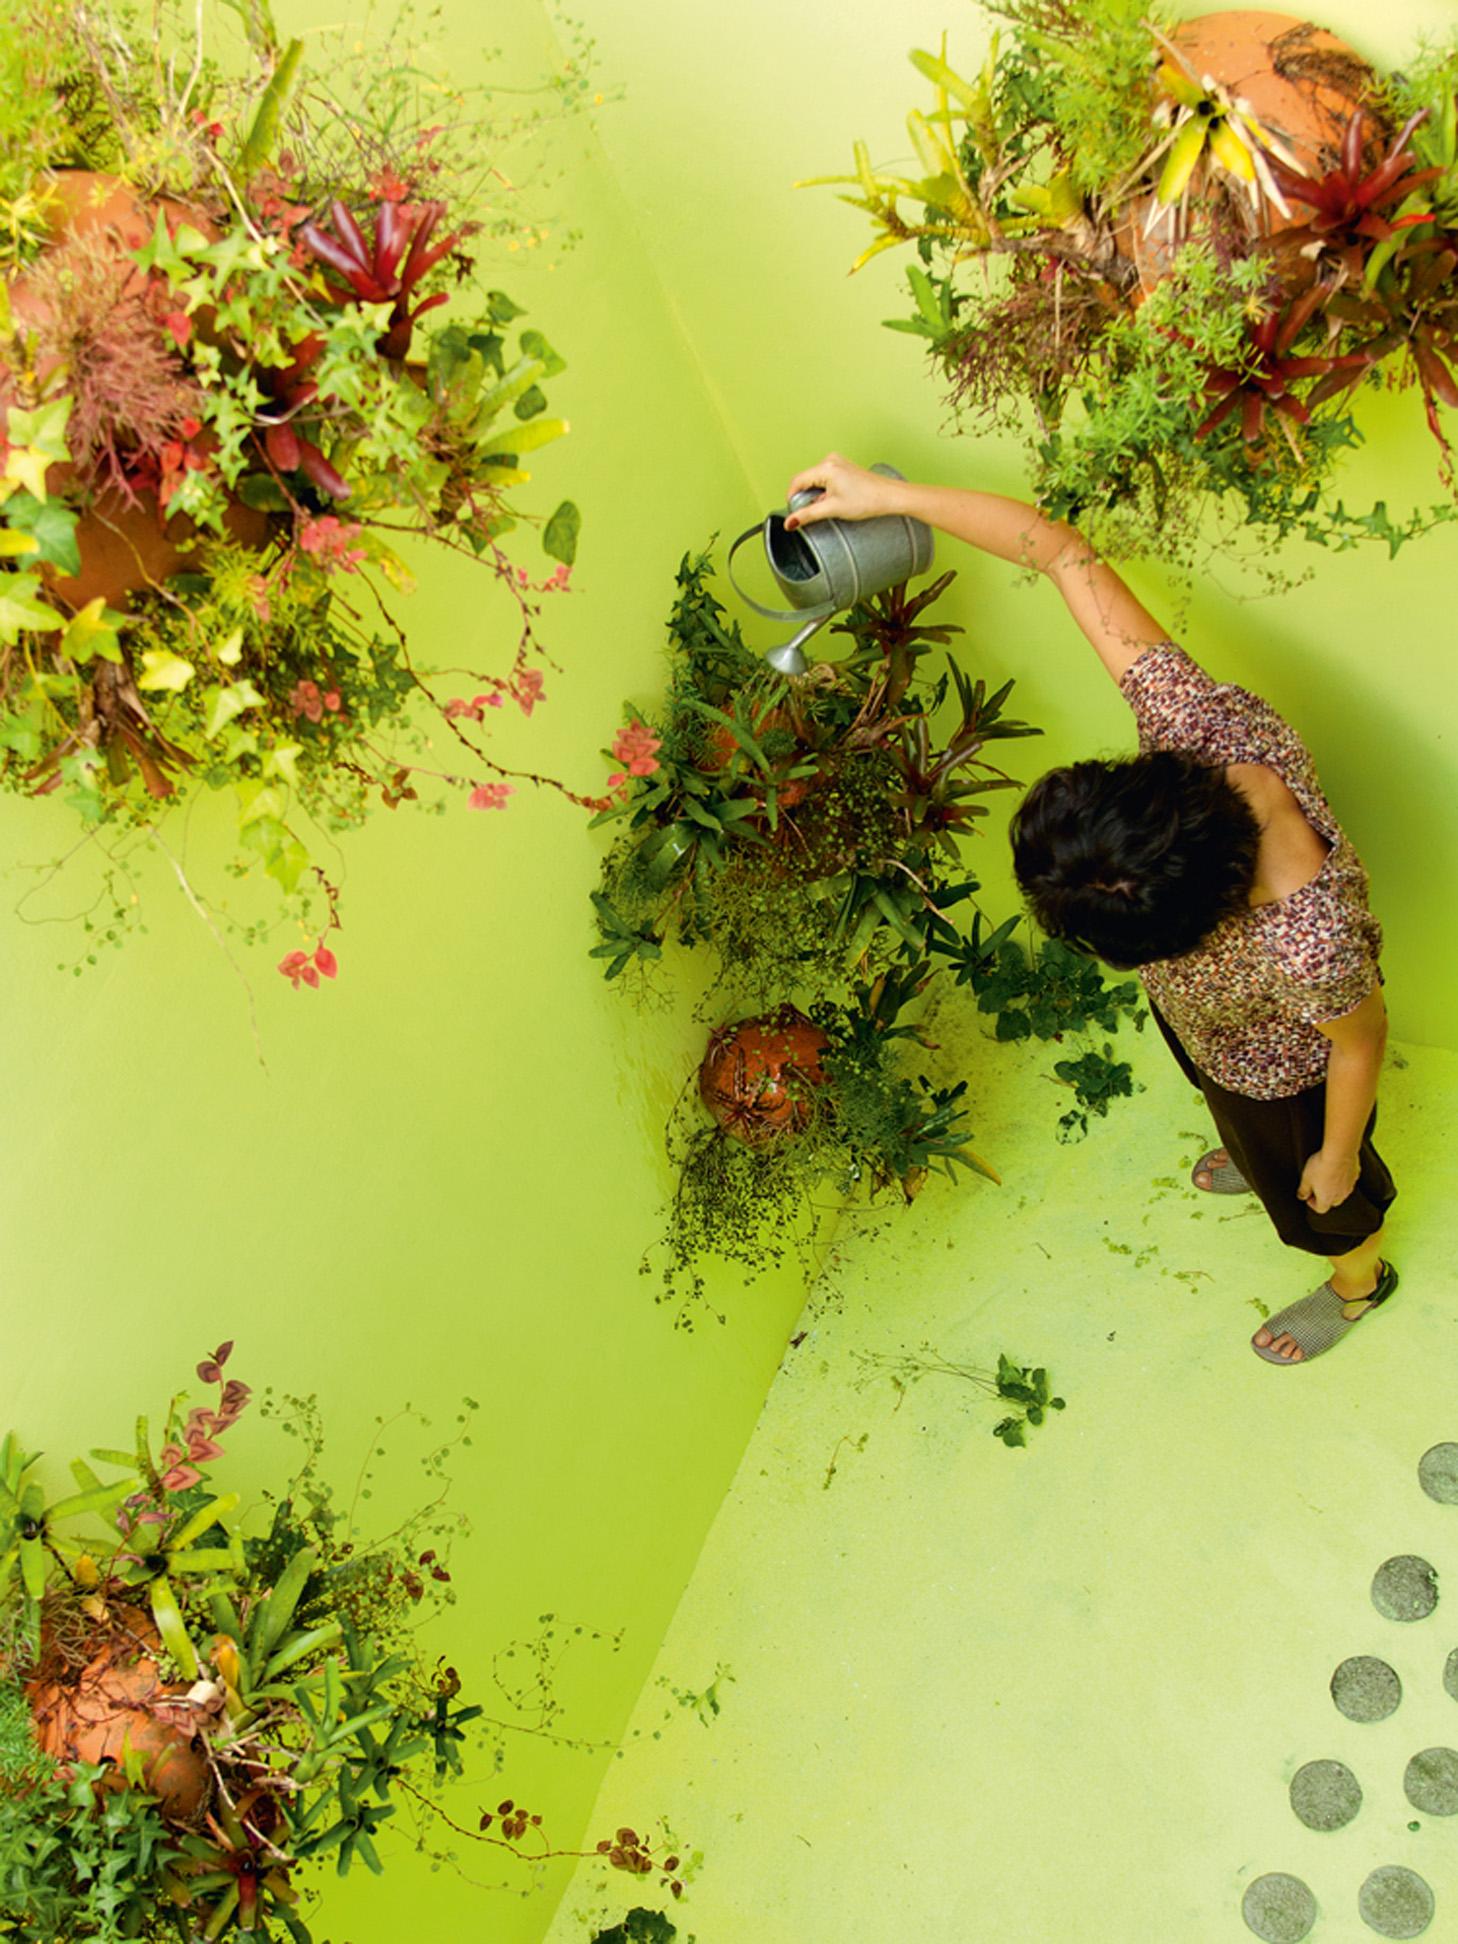 Obra viva - O jardim, uma obra do artista Fernando Limberger, é feito com plantas epífitas, areia amarela e se chama Verdura